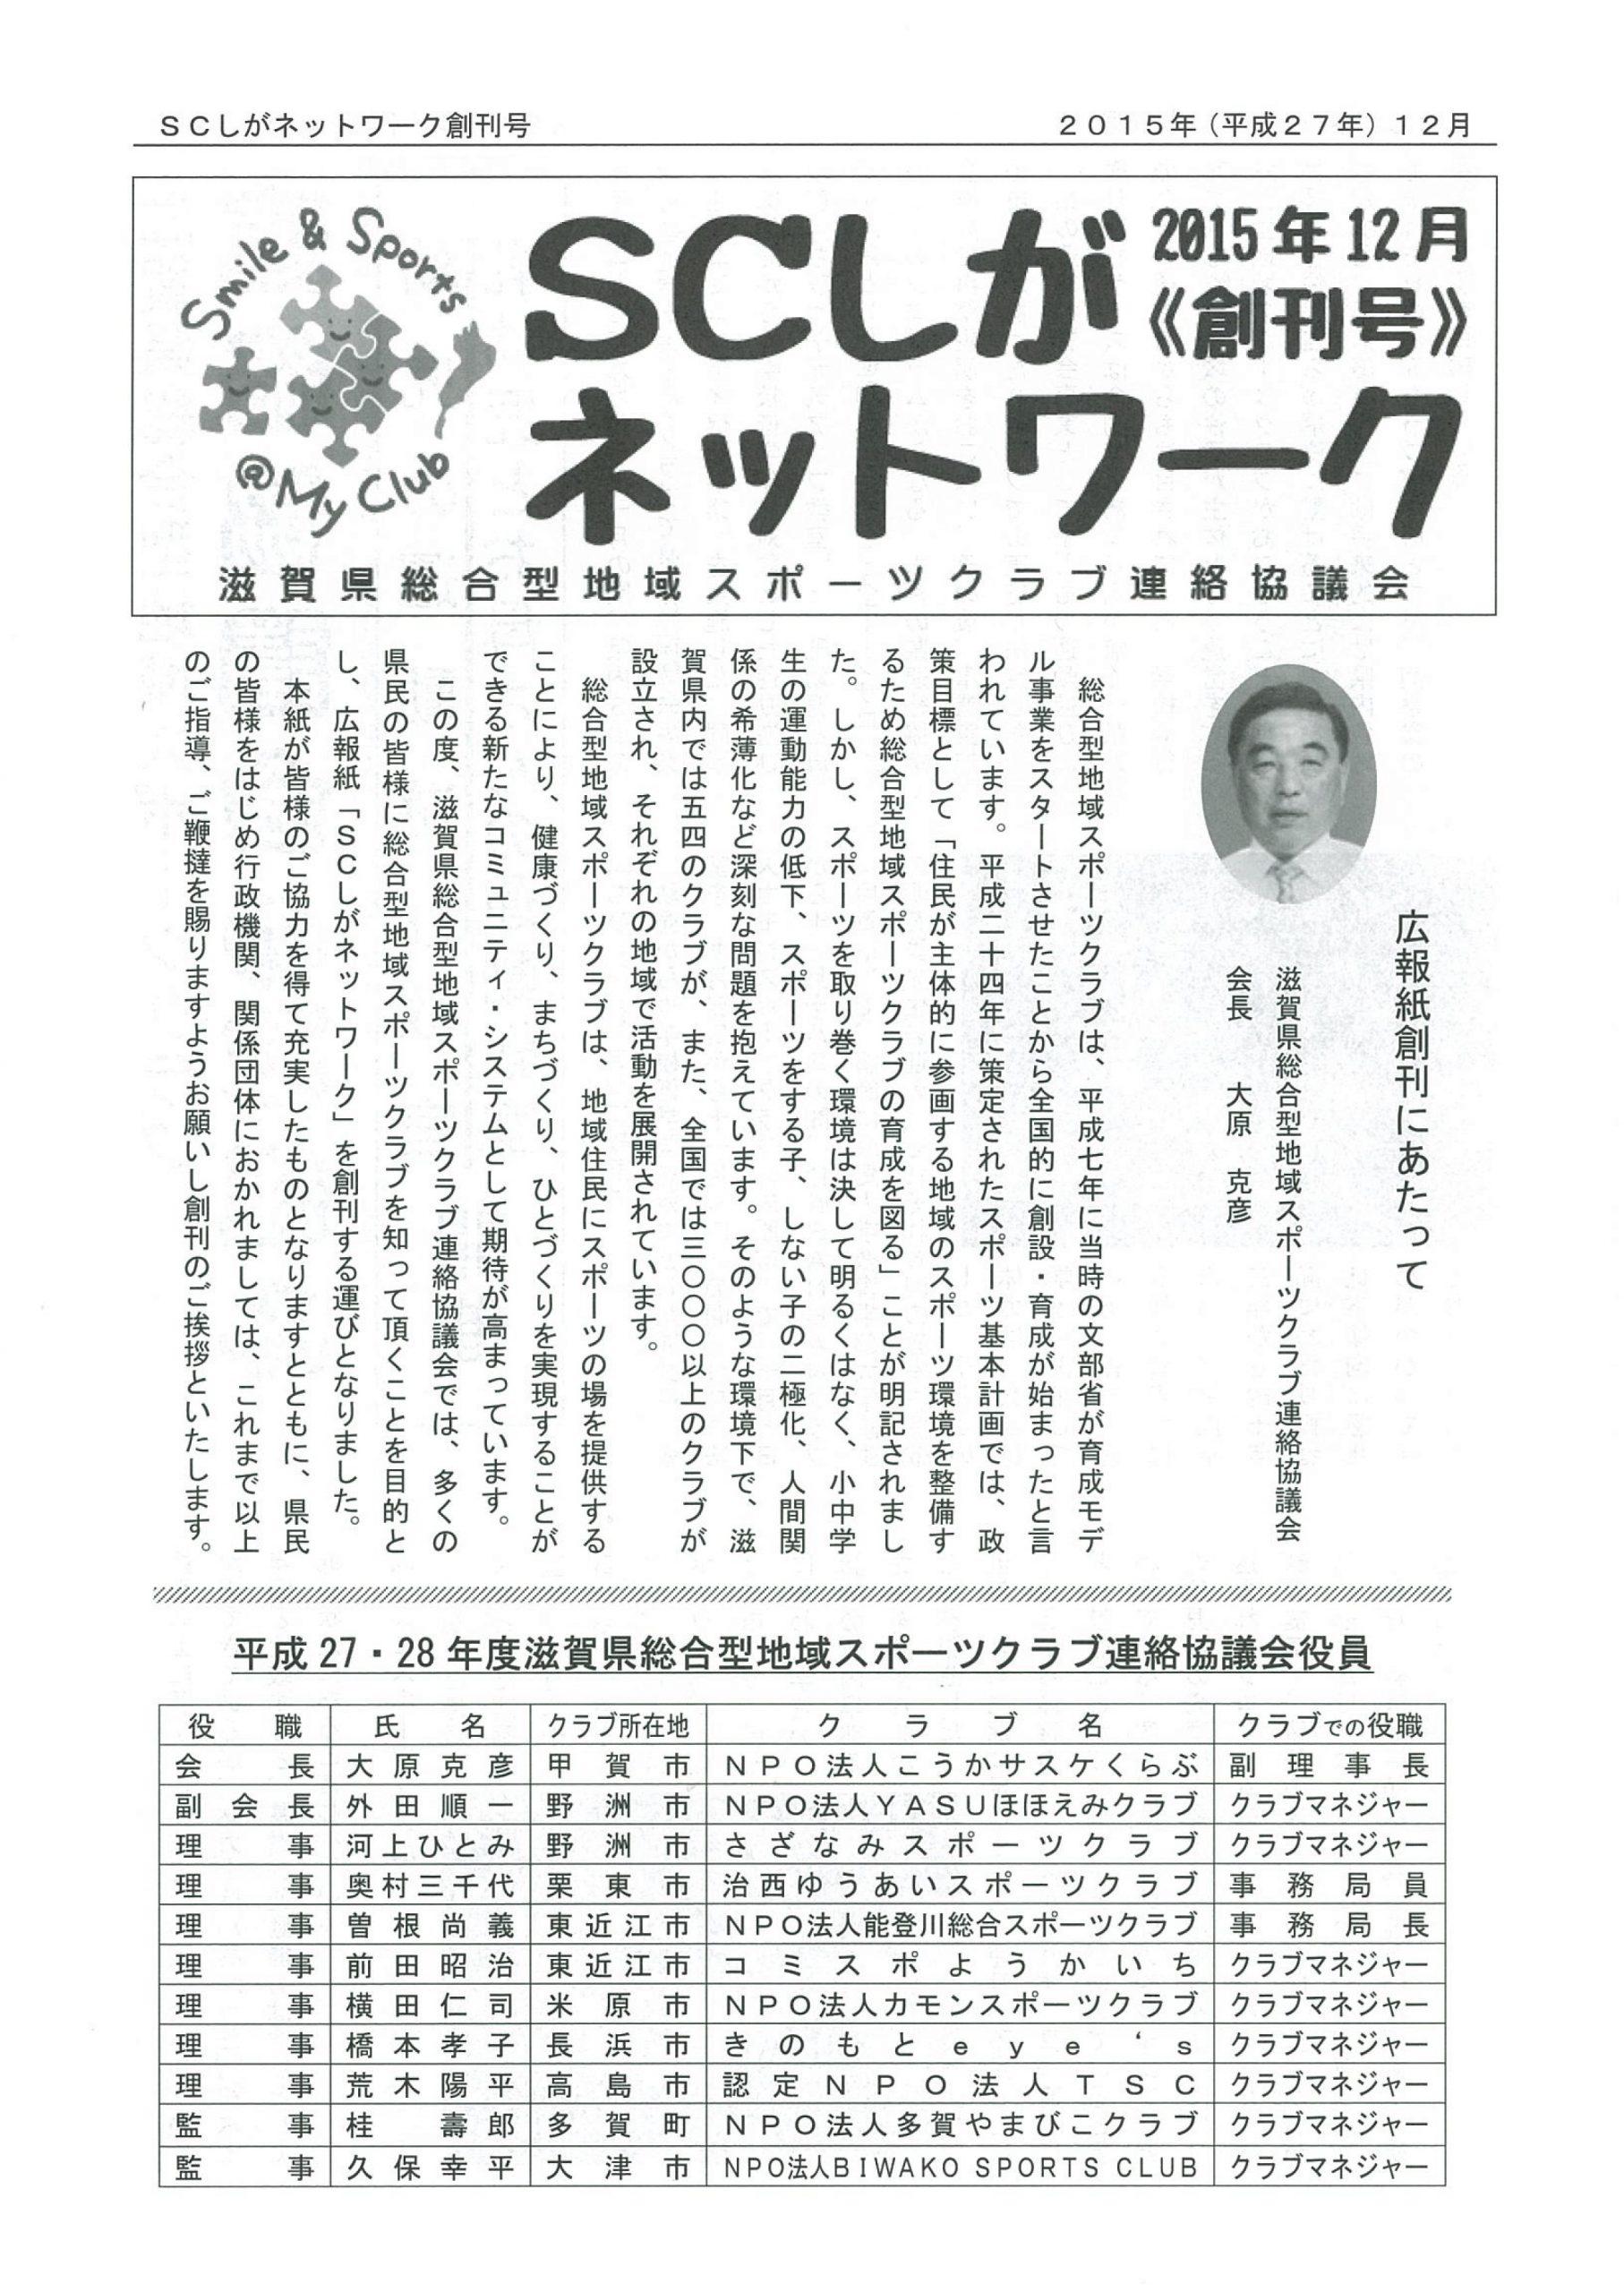 「SCしがネットワーク」創刊号発行のお知らせ